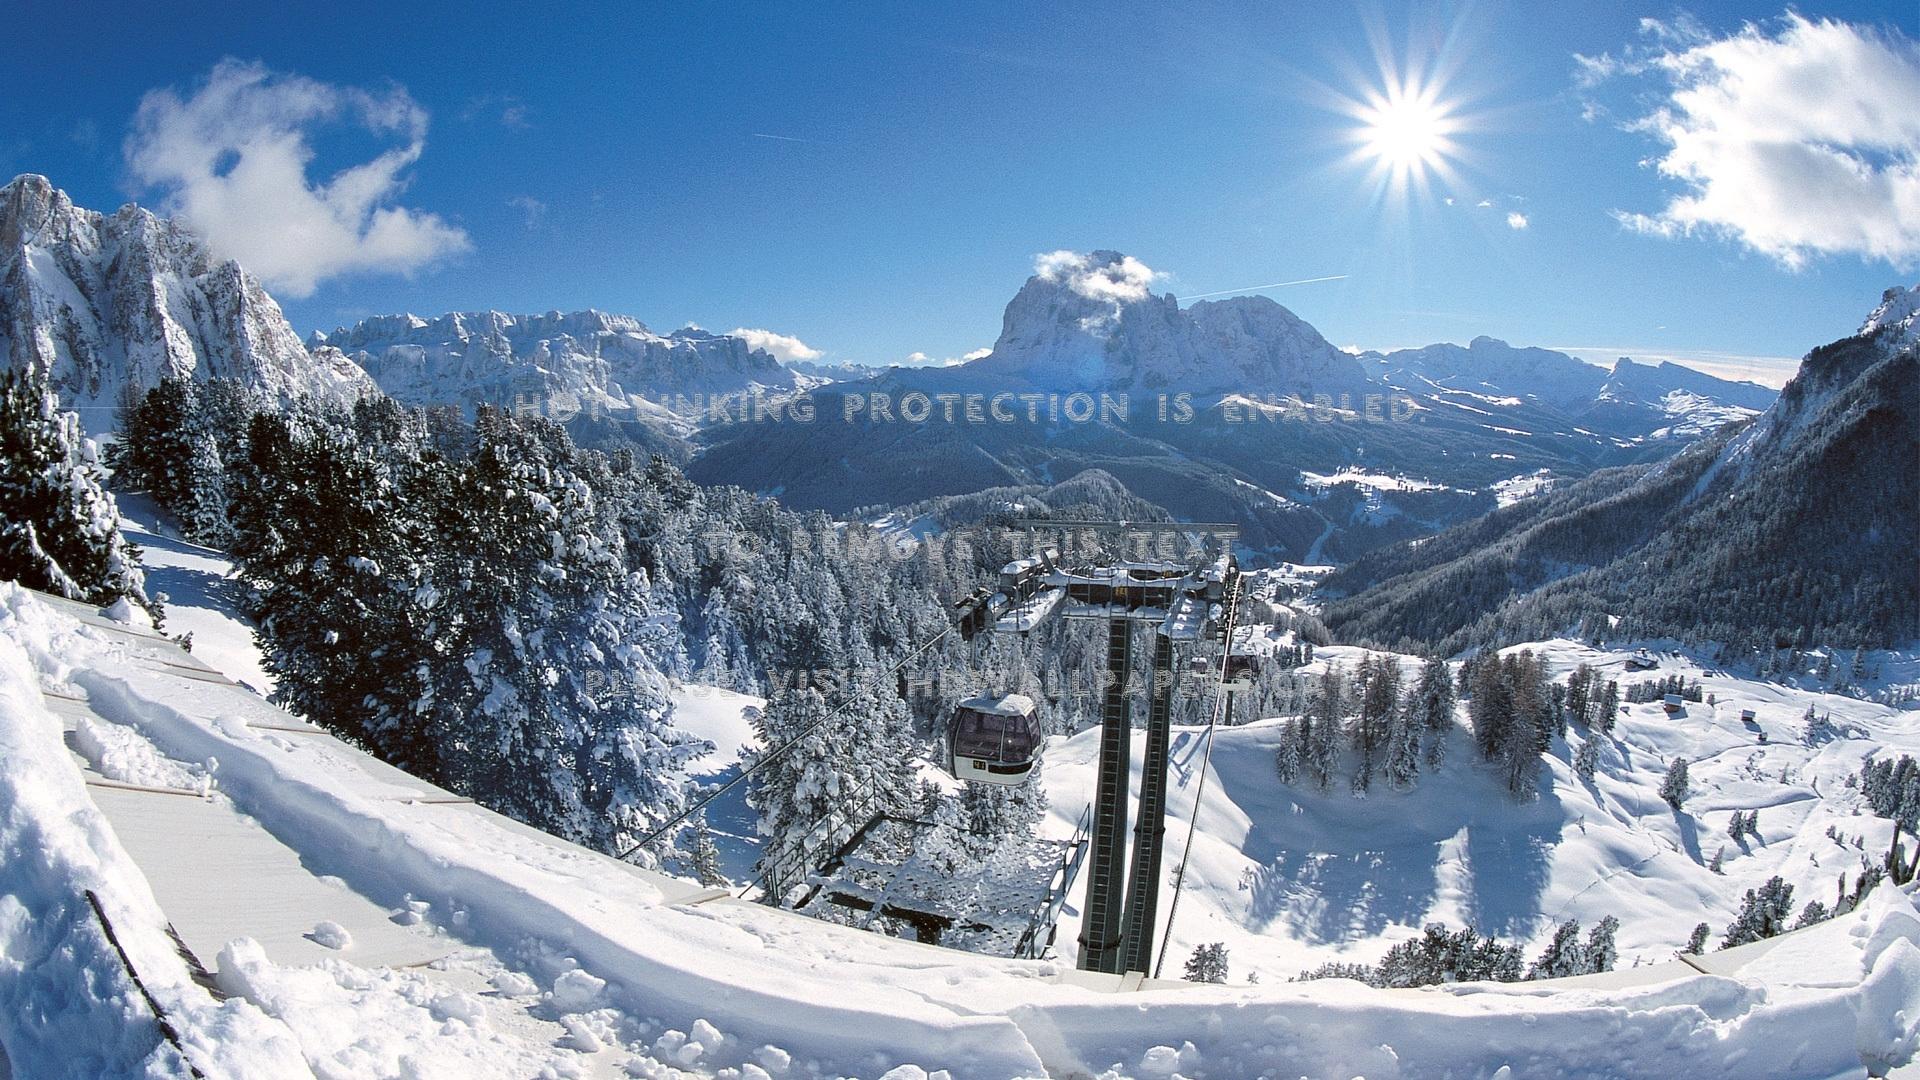 Trentino Alto Adige Piste Da Sci (#976833) - HD Wallpaper & Backgrounds  Download